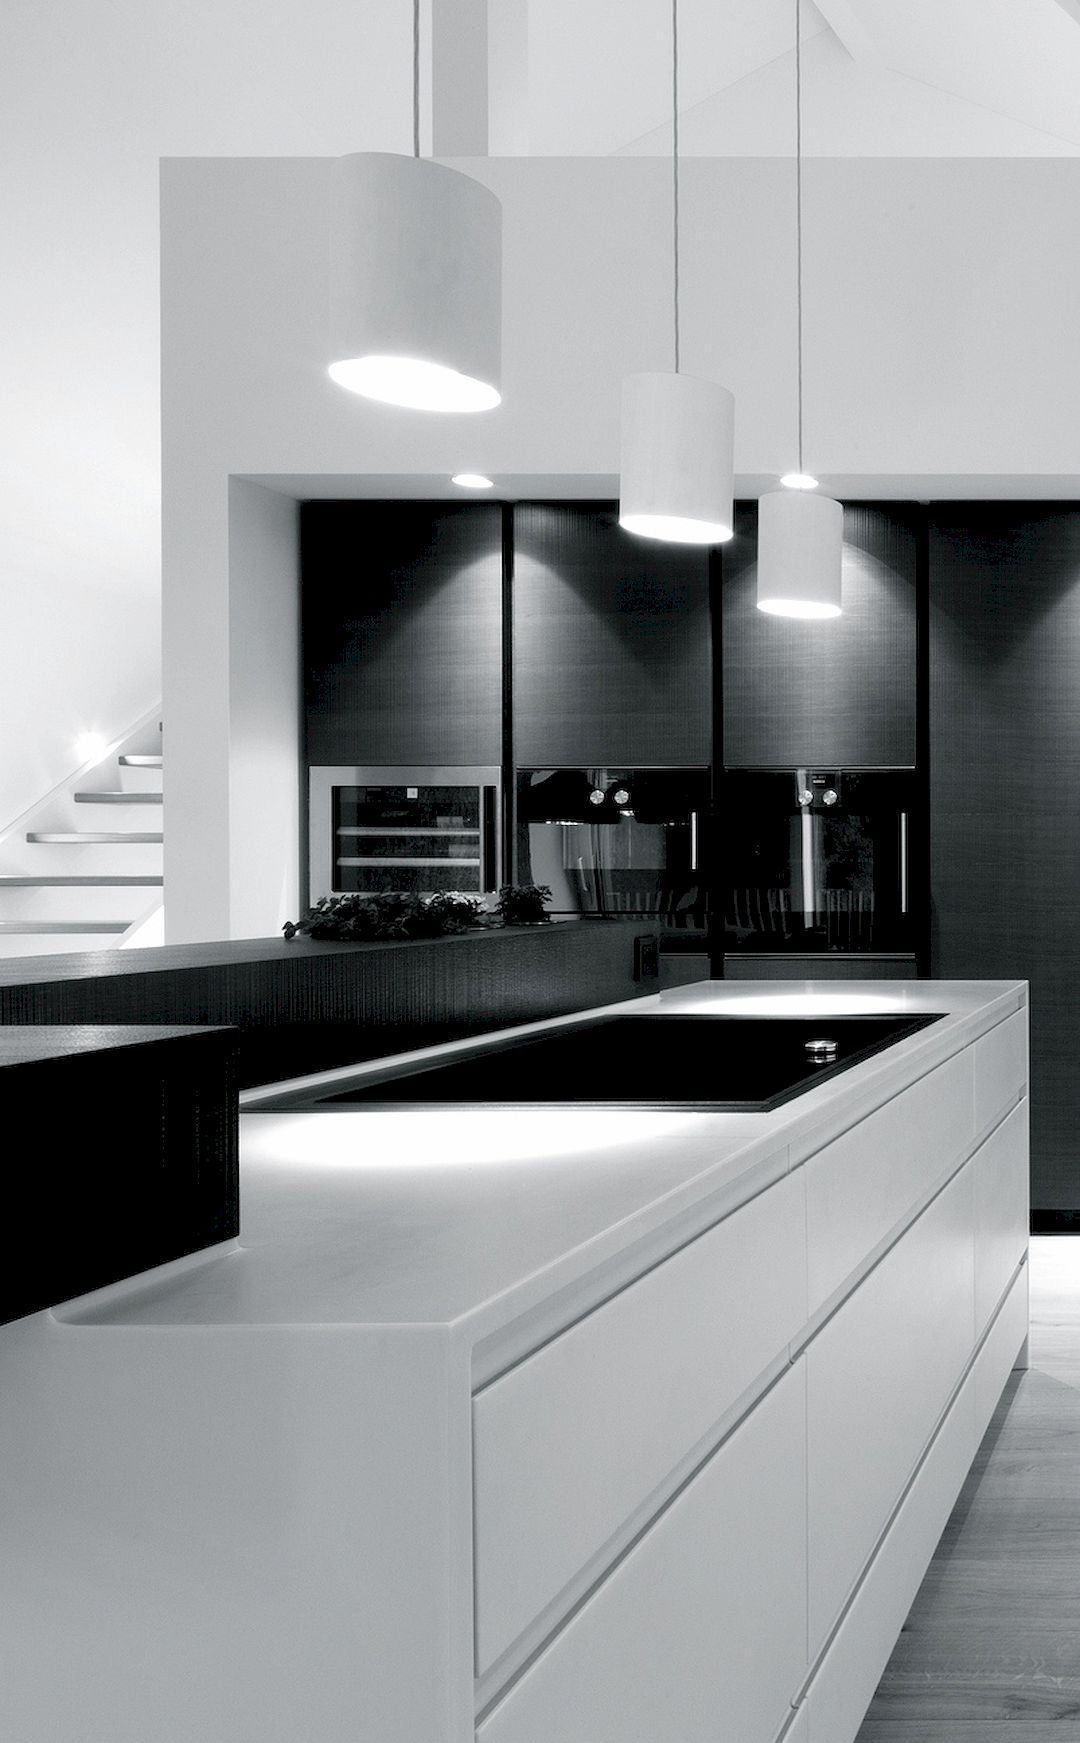 unconventional interior home designs modern kitchen design kitchen design minimalist kitchen on kitchen ideas minimalist id=71721